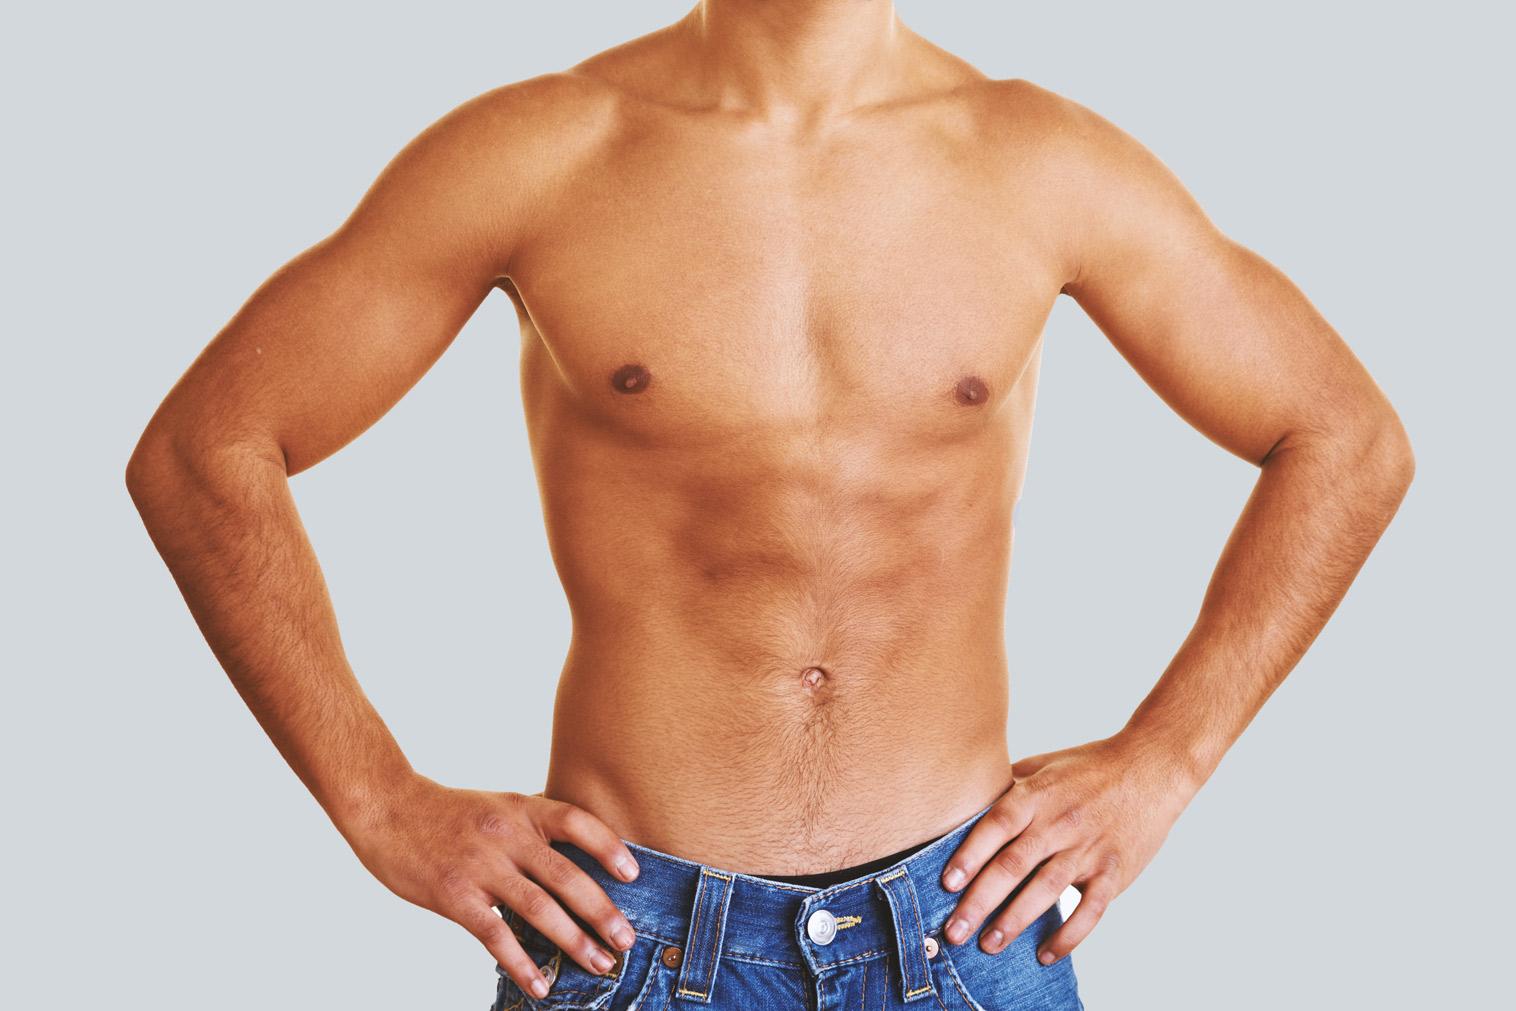 Wiederherstellung der männlichen Brustform